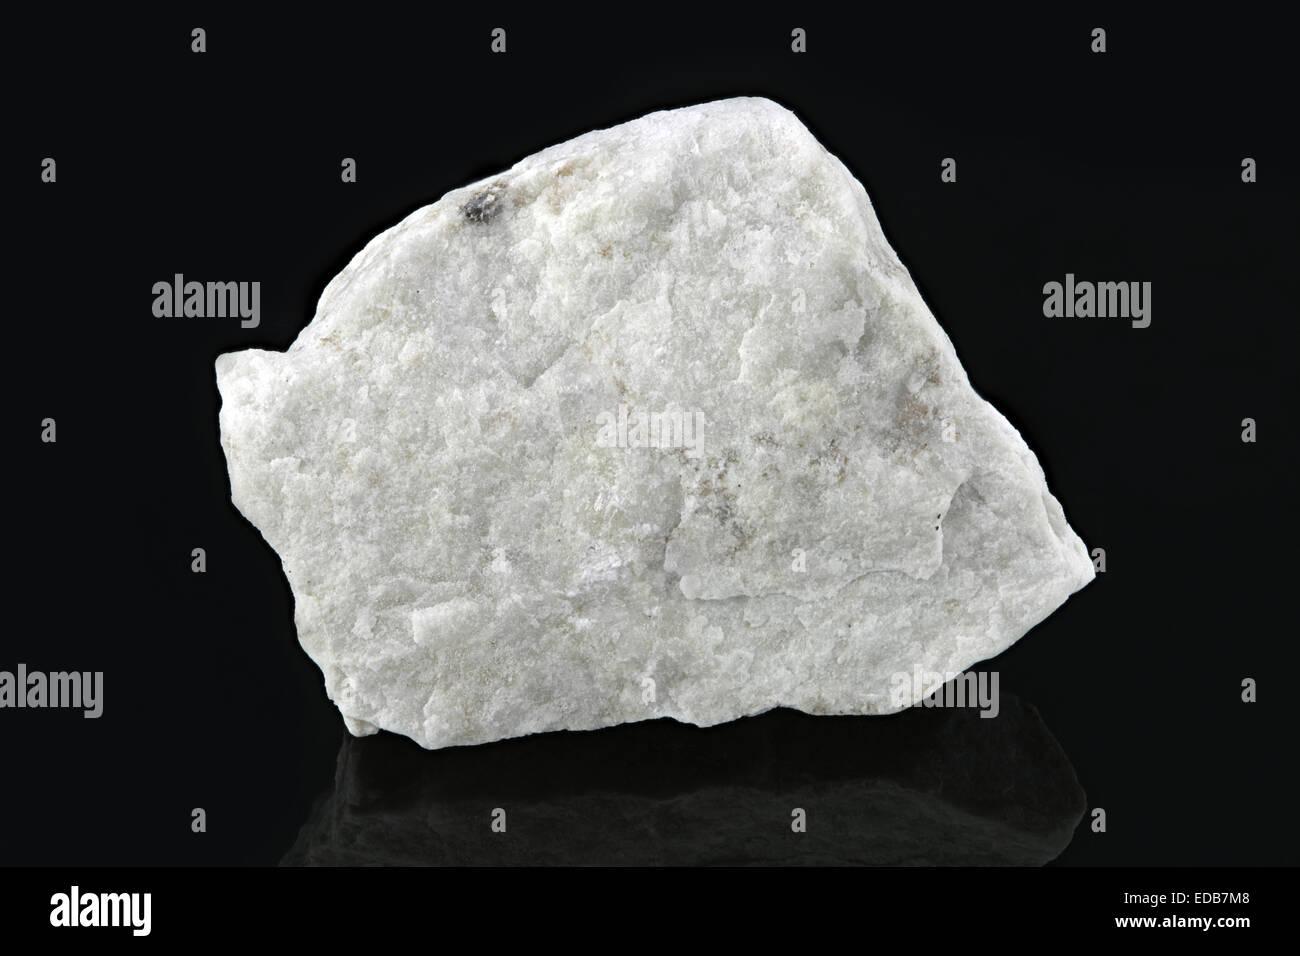 Magnesite, MgCO3 (magnesium carbonate) rock sample - Stock Image